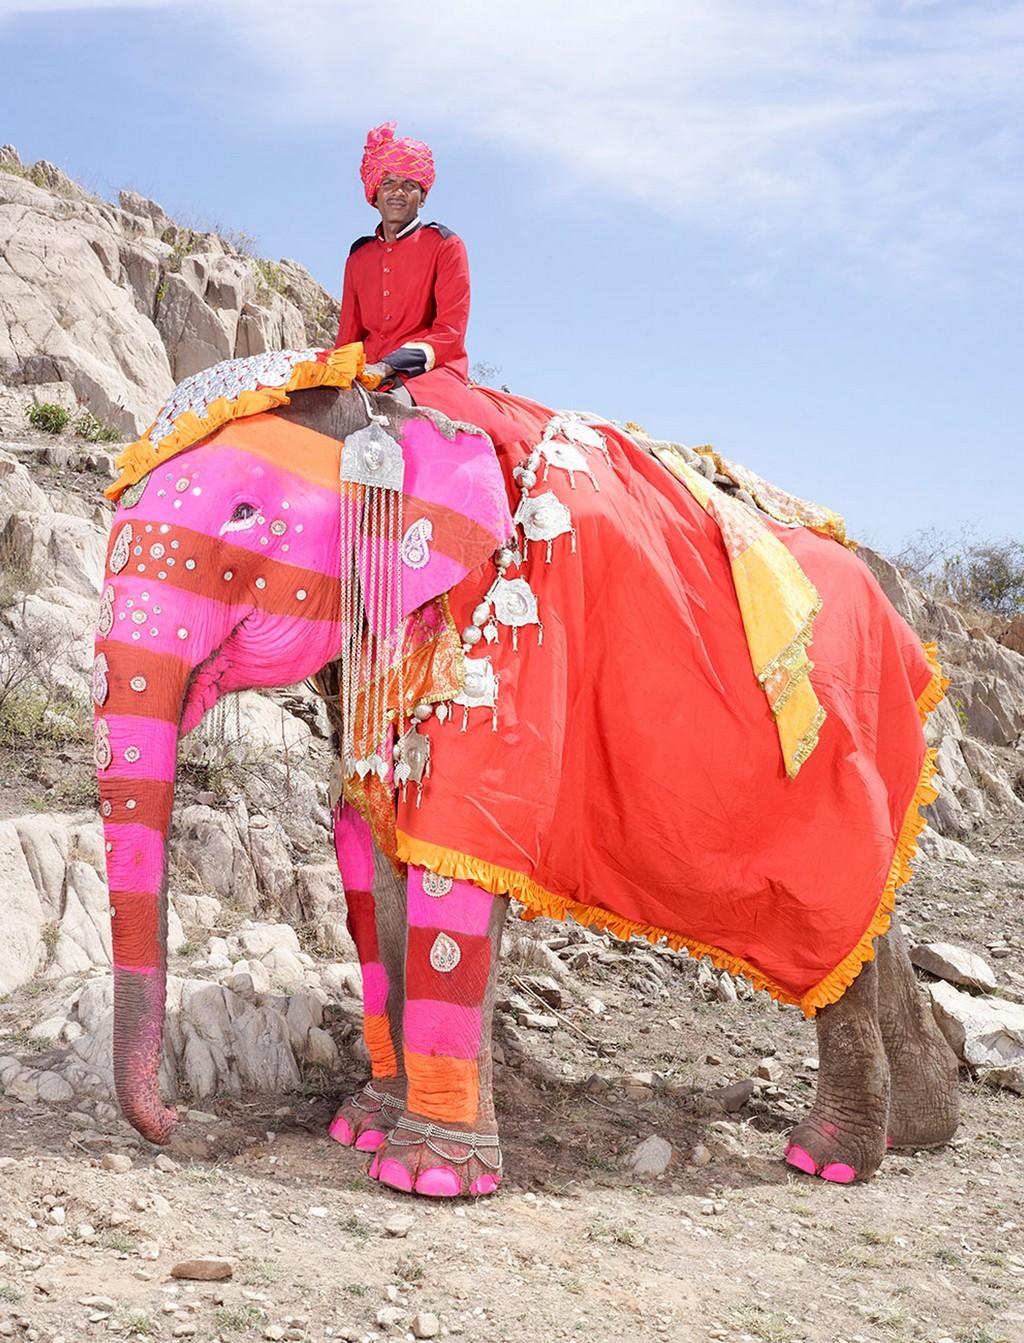 raspisnye slony 12